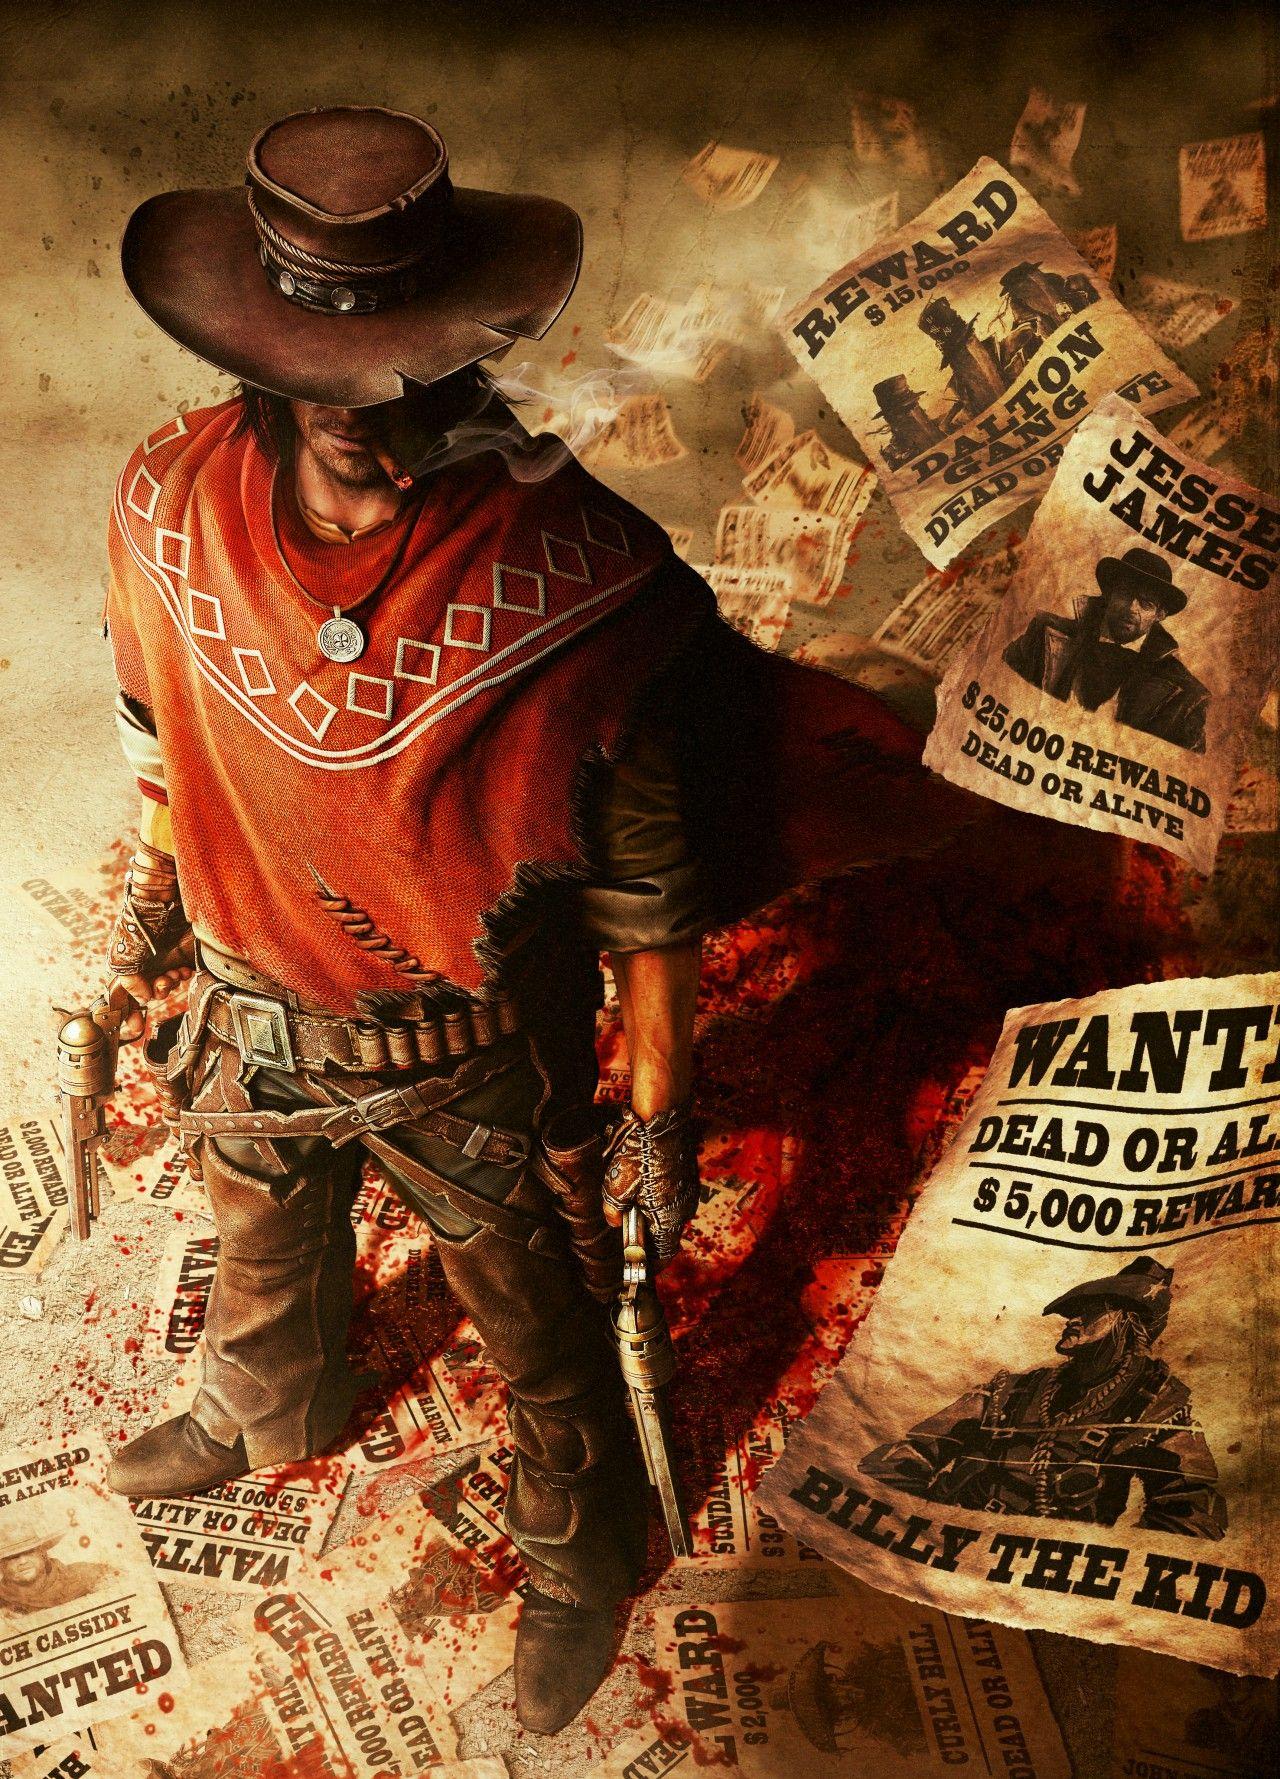 Résultats Google Recherche d'images correspondant à http://i.jeuxactus.com/datas/jeux/c/a/call-of-juarez-gunslinger/xl/call-of-juarez-gunslinger-50485b2638a6a.jpg